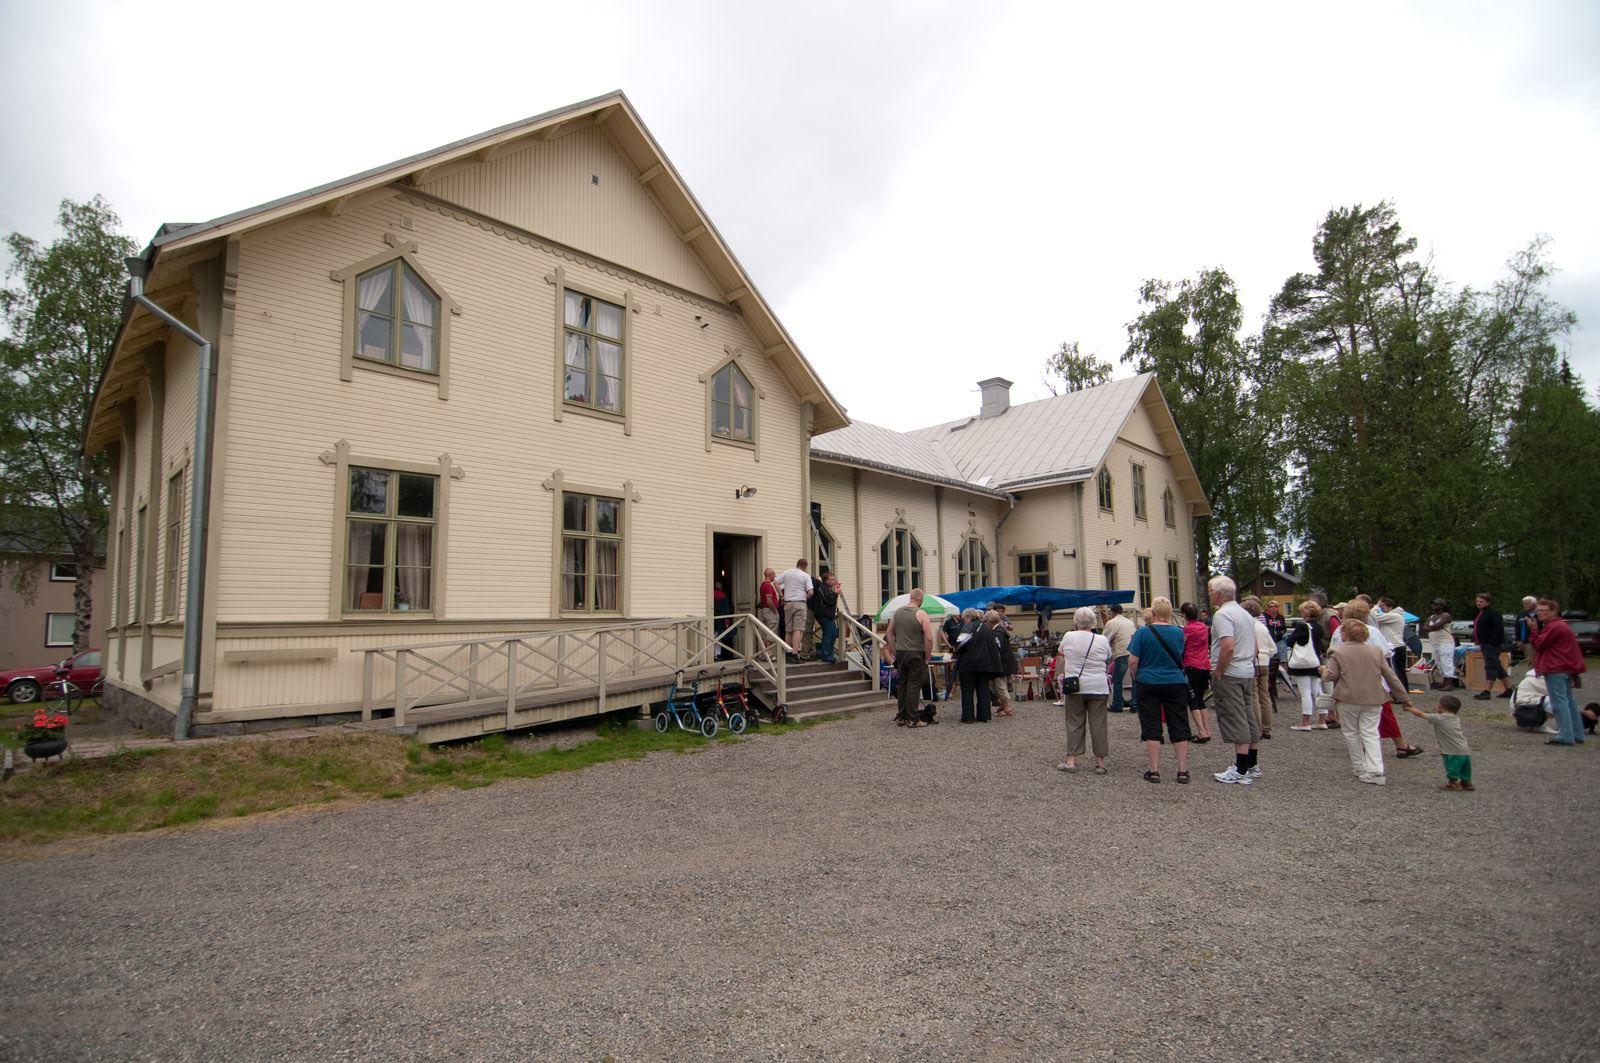 Bastuträsk Cultural Heritage Buildings